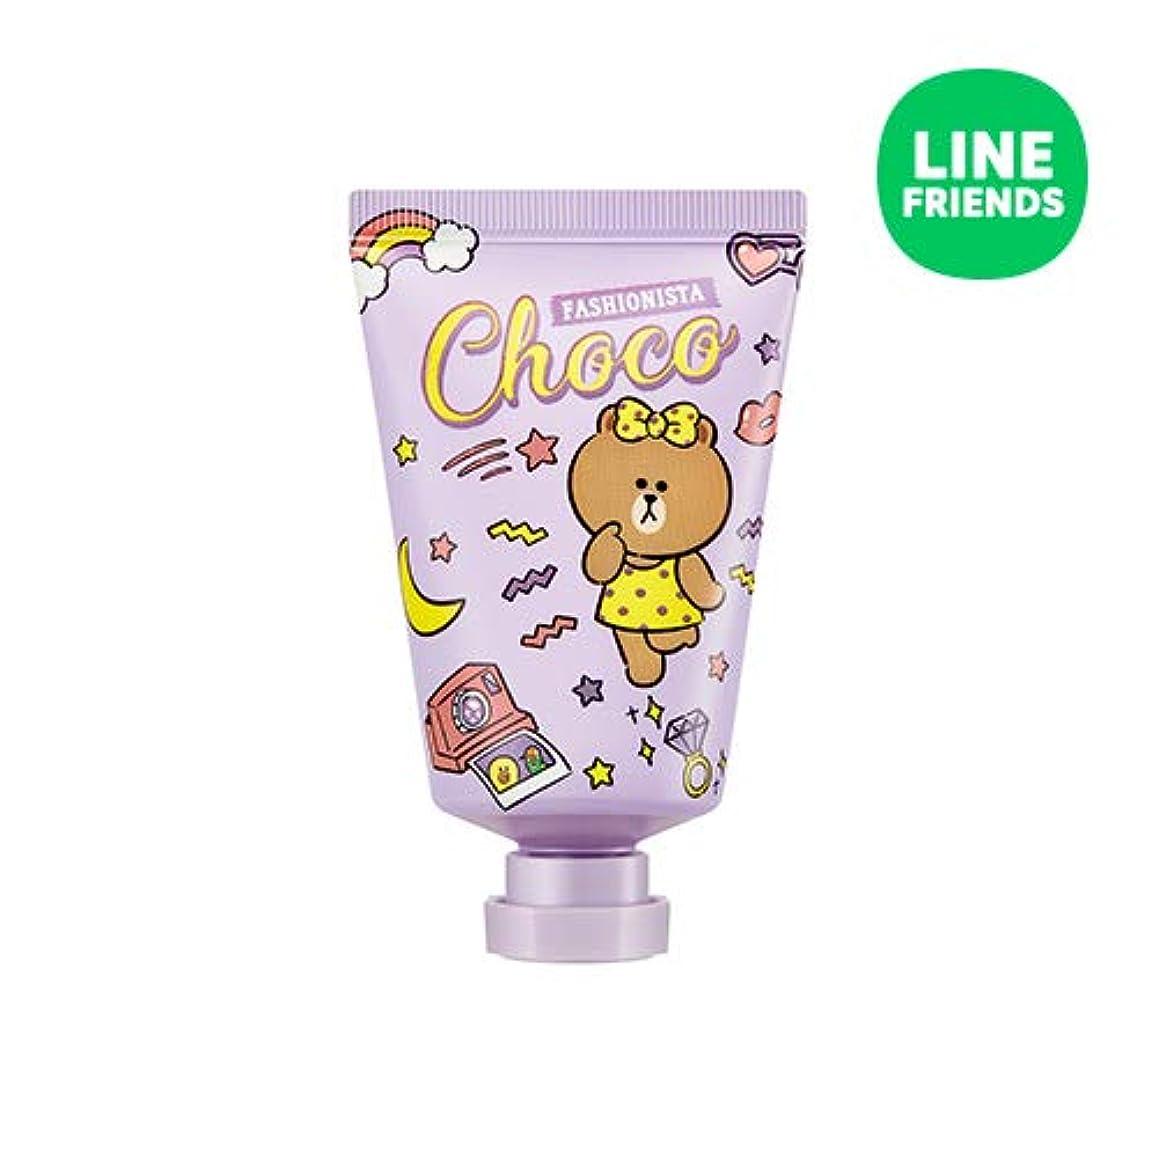 カレッジマグ月ミシャ(ラインフレンズ)ラブシークレットハンドクリーム 30ml MISSHA [Line Friends Edition] Love Secret Hand Cream - Choco # Pitch Cocktail...